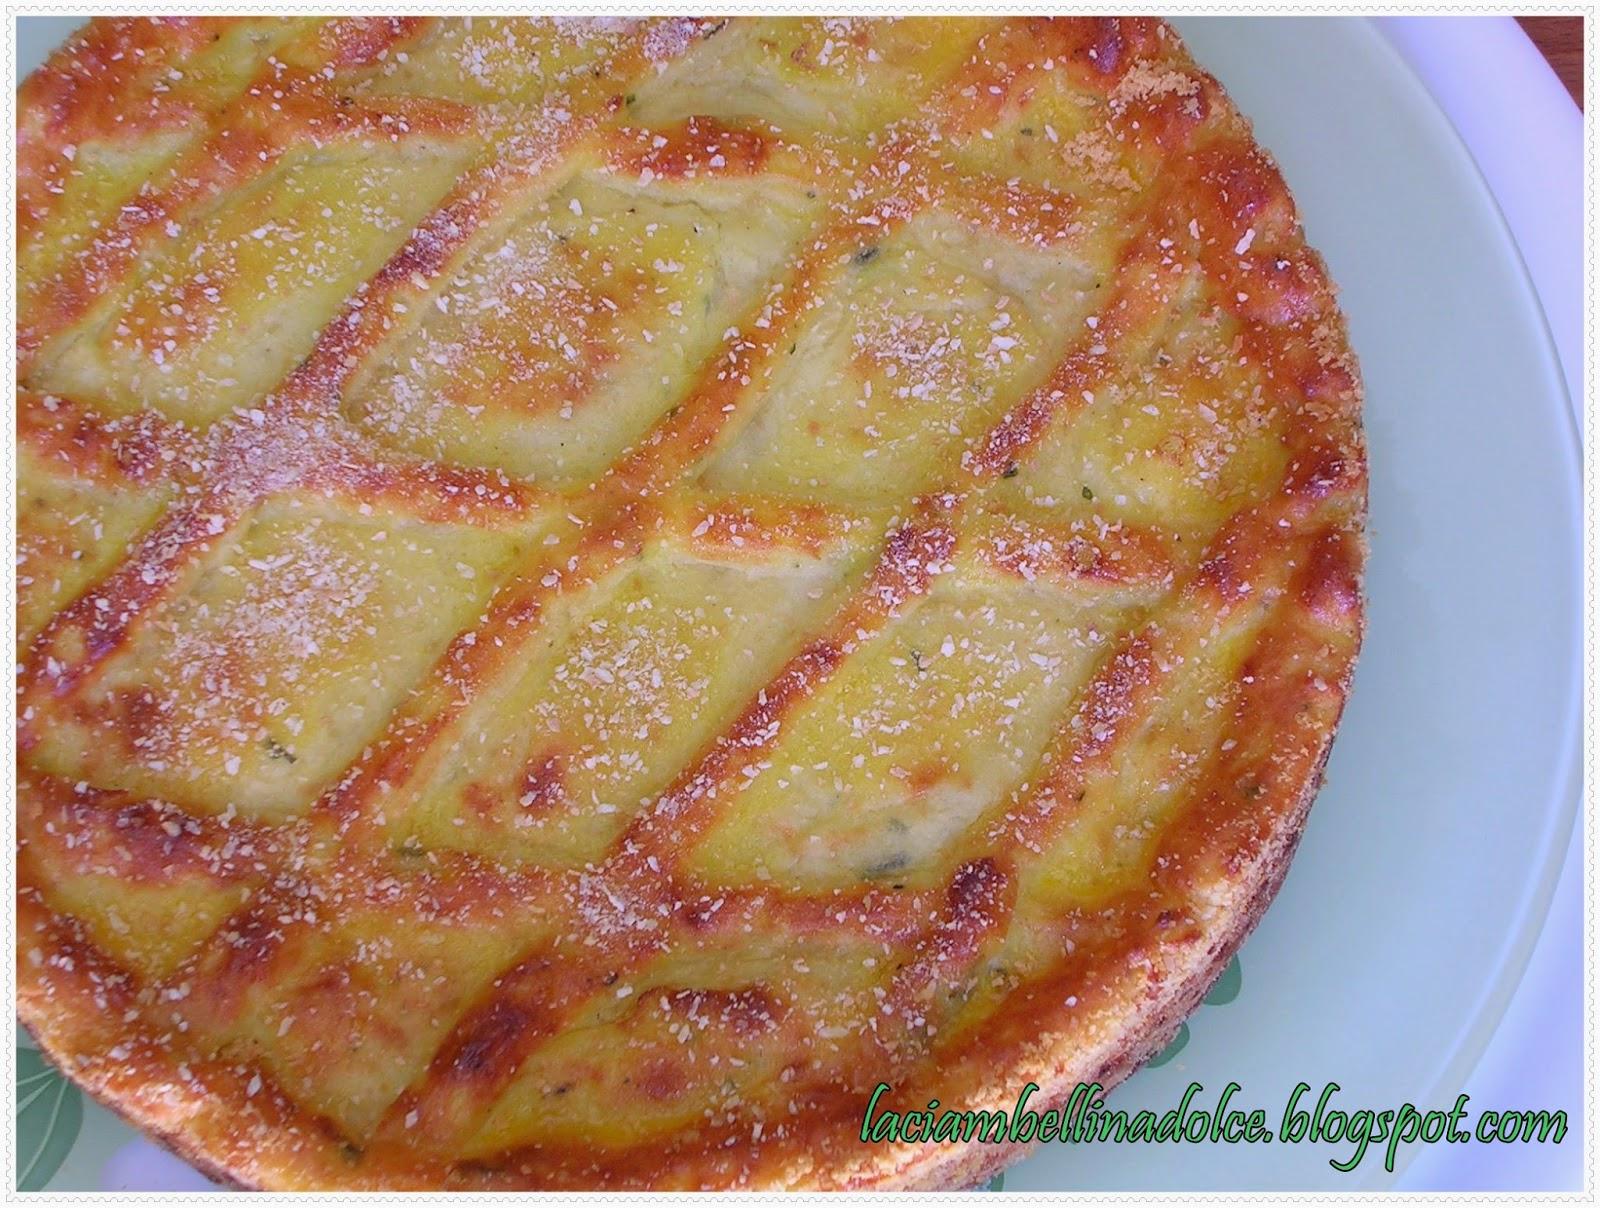 La ciambellina dolce gatt di patate - Torte salate decorate ...